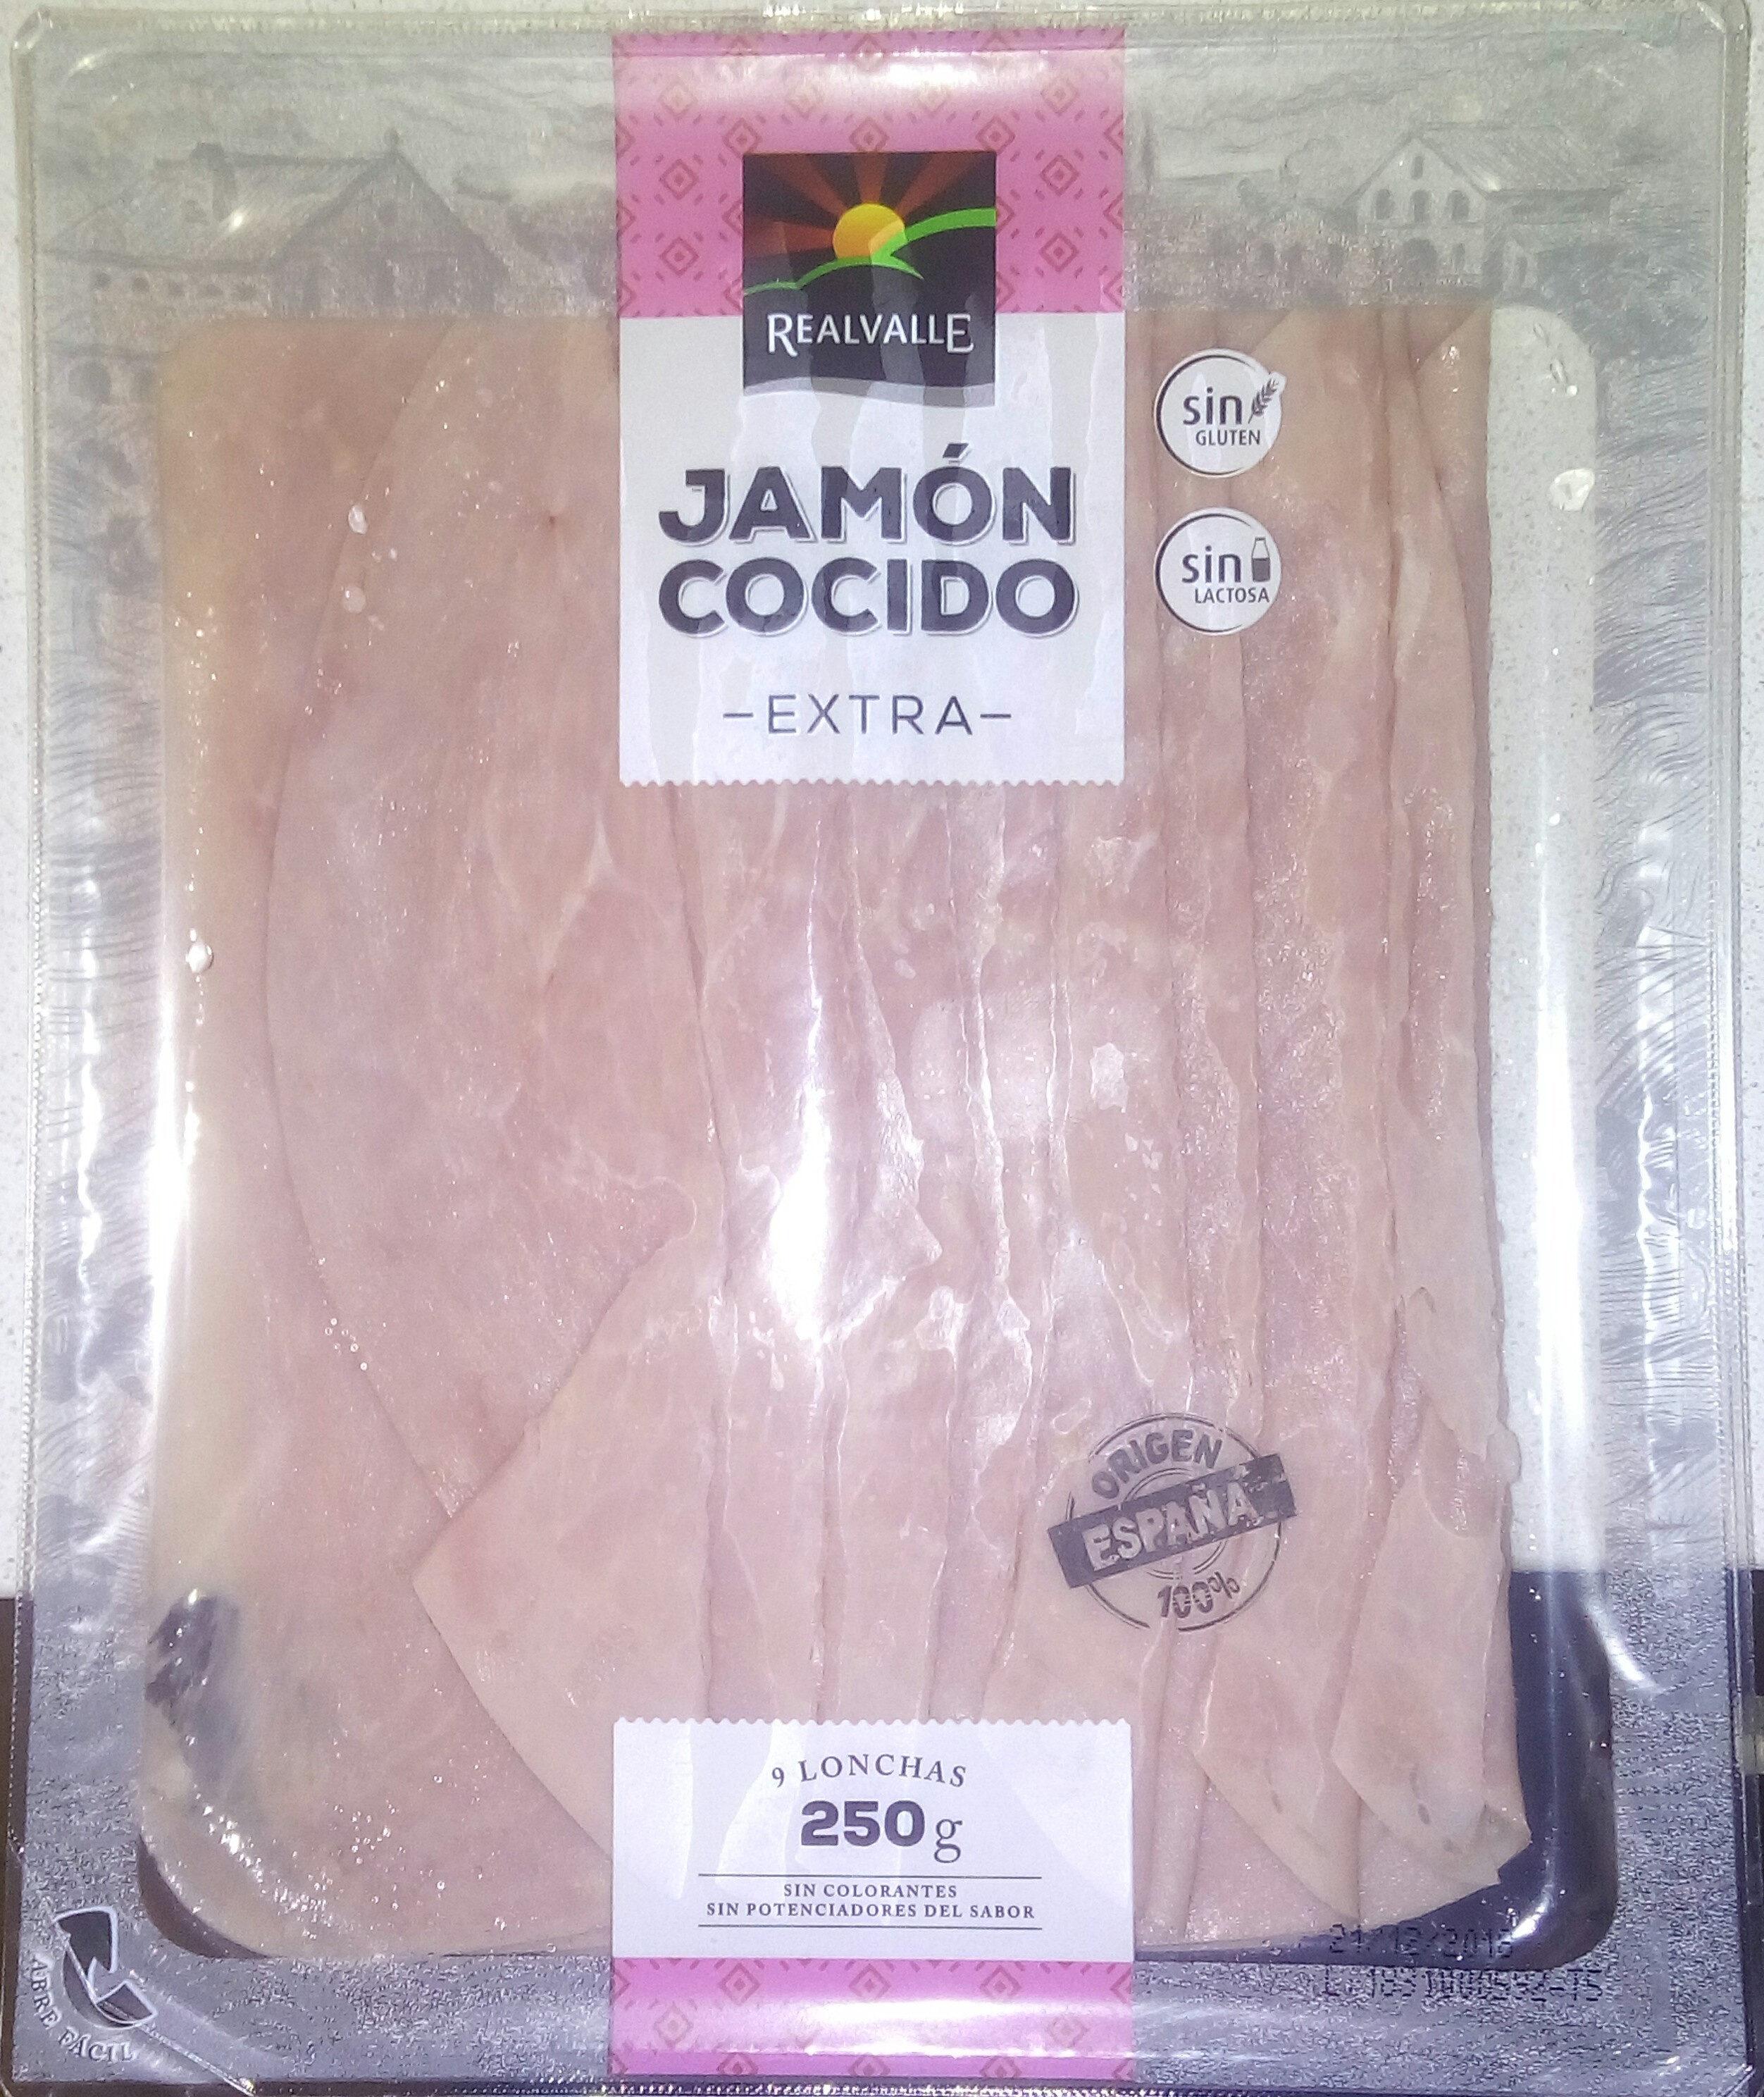 Jamón cocido - Producto - es